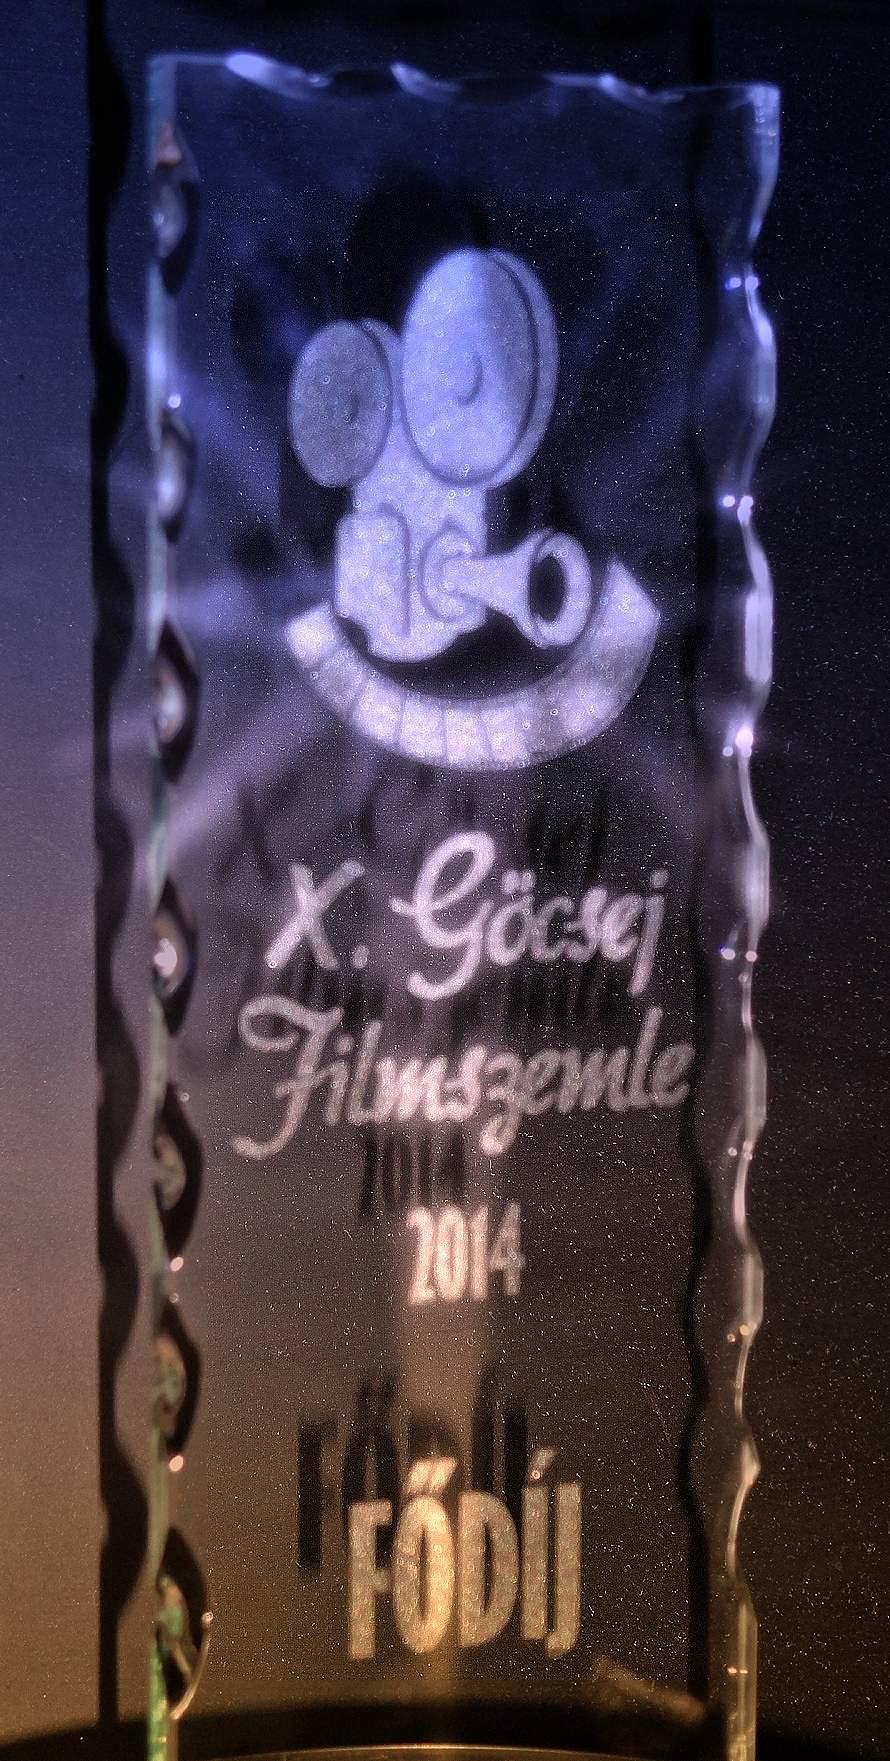 Varga Árpád Zsolt 2014 Göcsej Filmszemle Fődíj